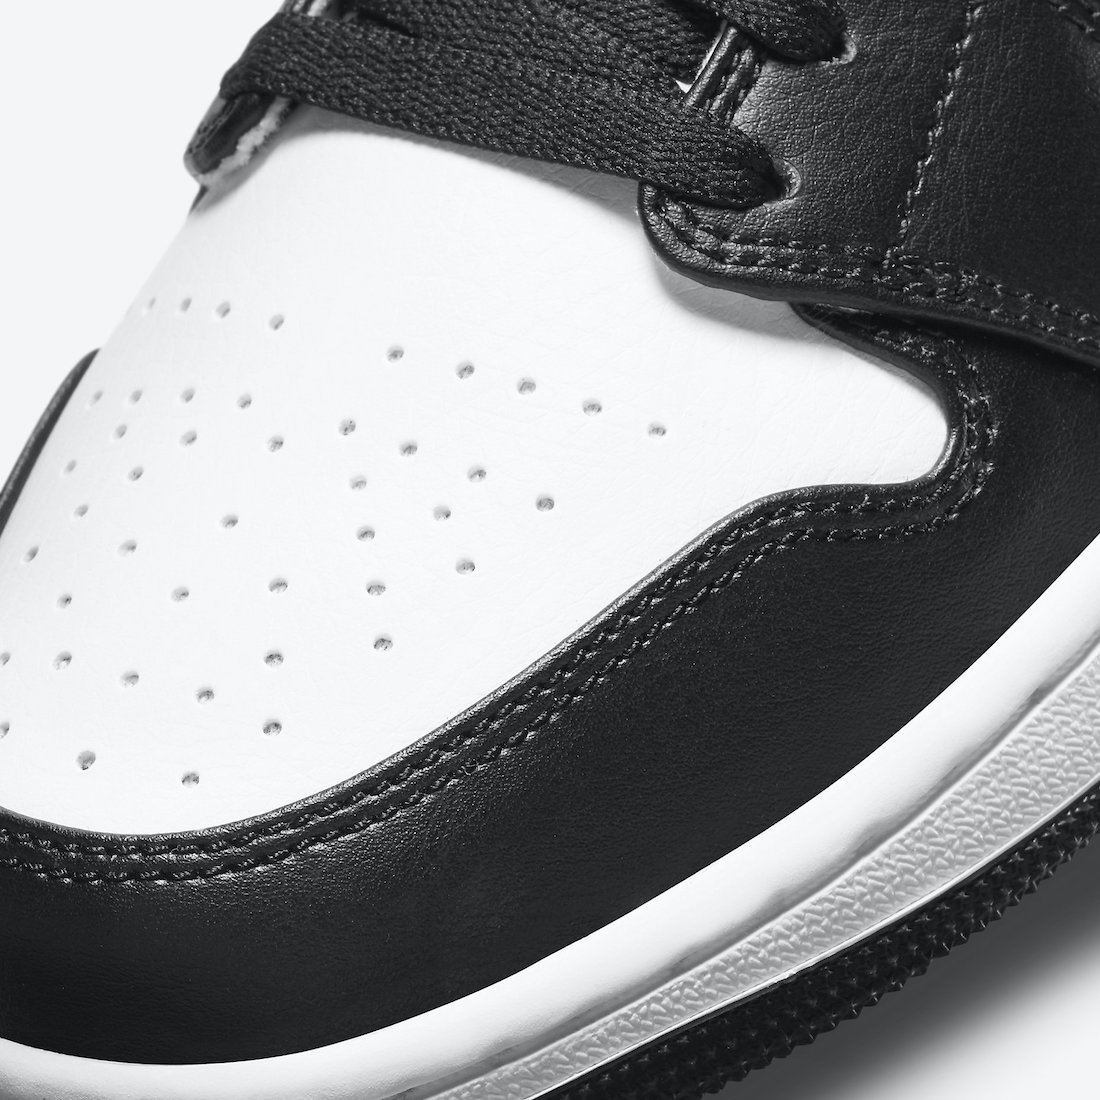 ナイキ エアジョーダン 1 ミッド ホワイト シャドウ Nike Air Jordan 1 Mid White Shadow 554724-073 close toe